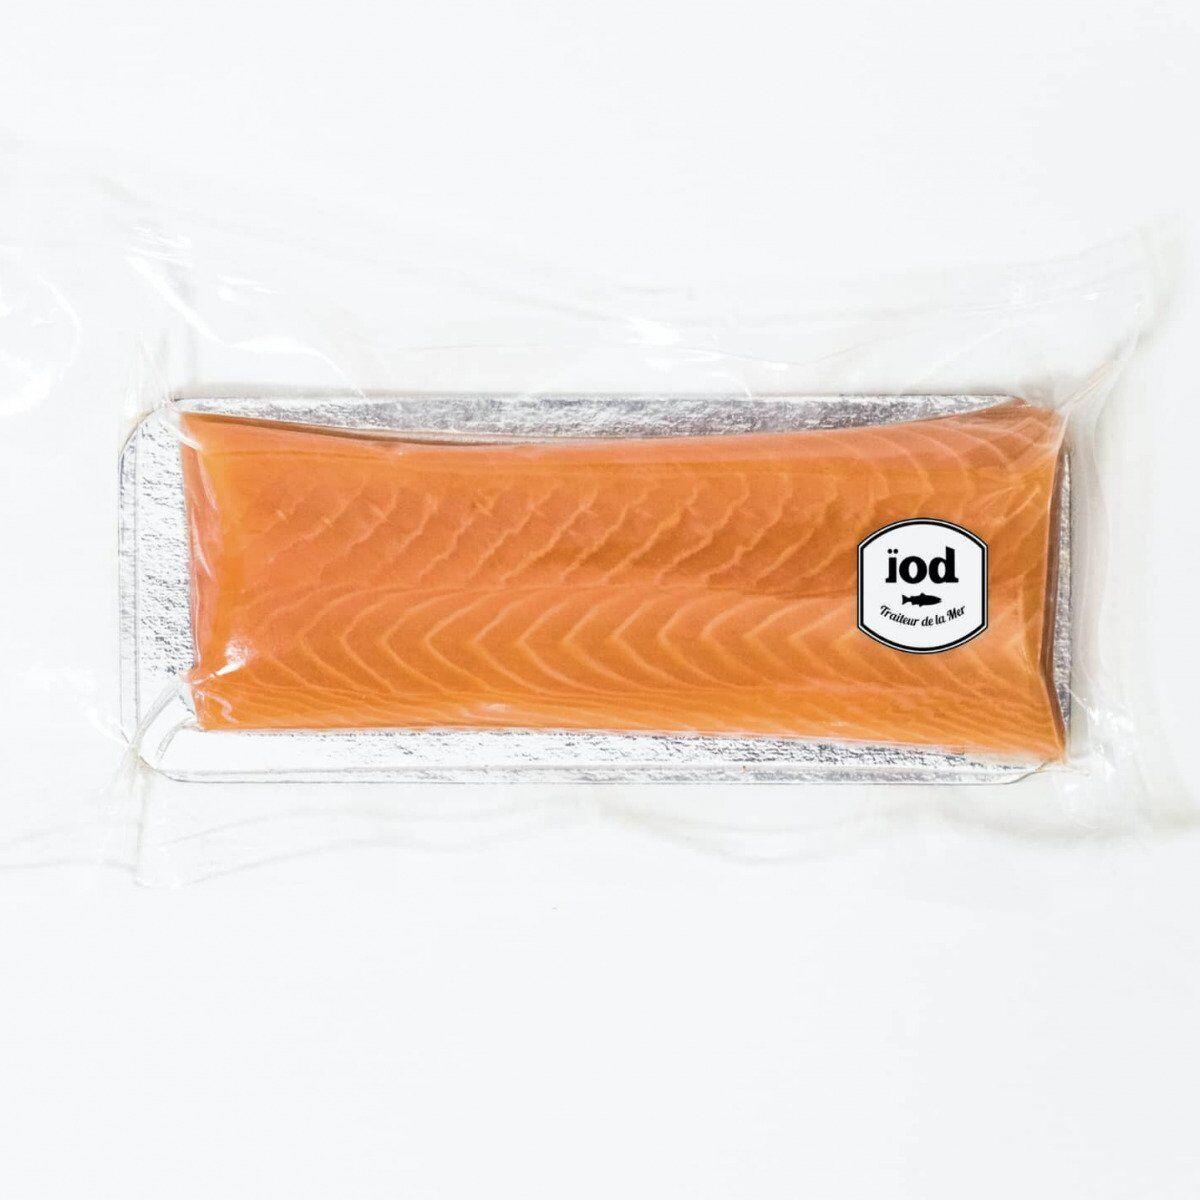 ÏOD Coeur de saumon fumé 120g non tranché